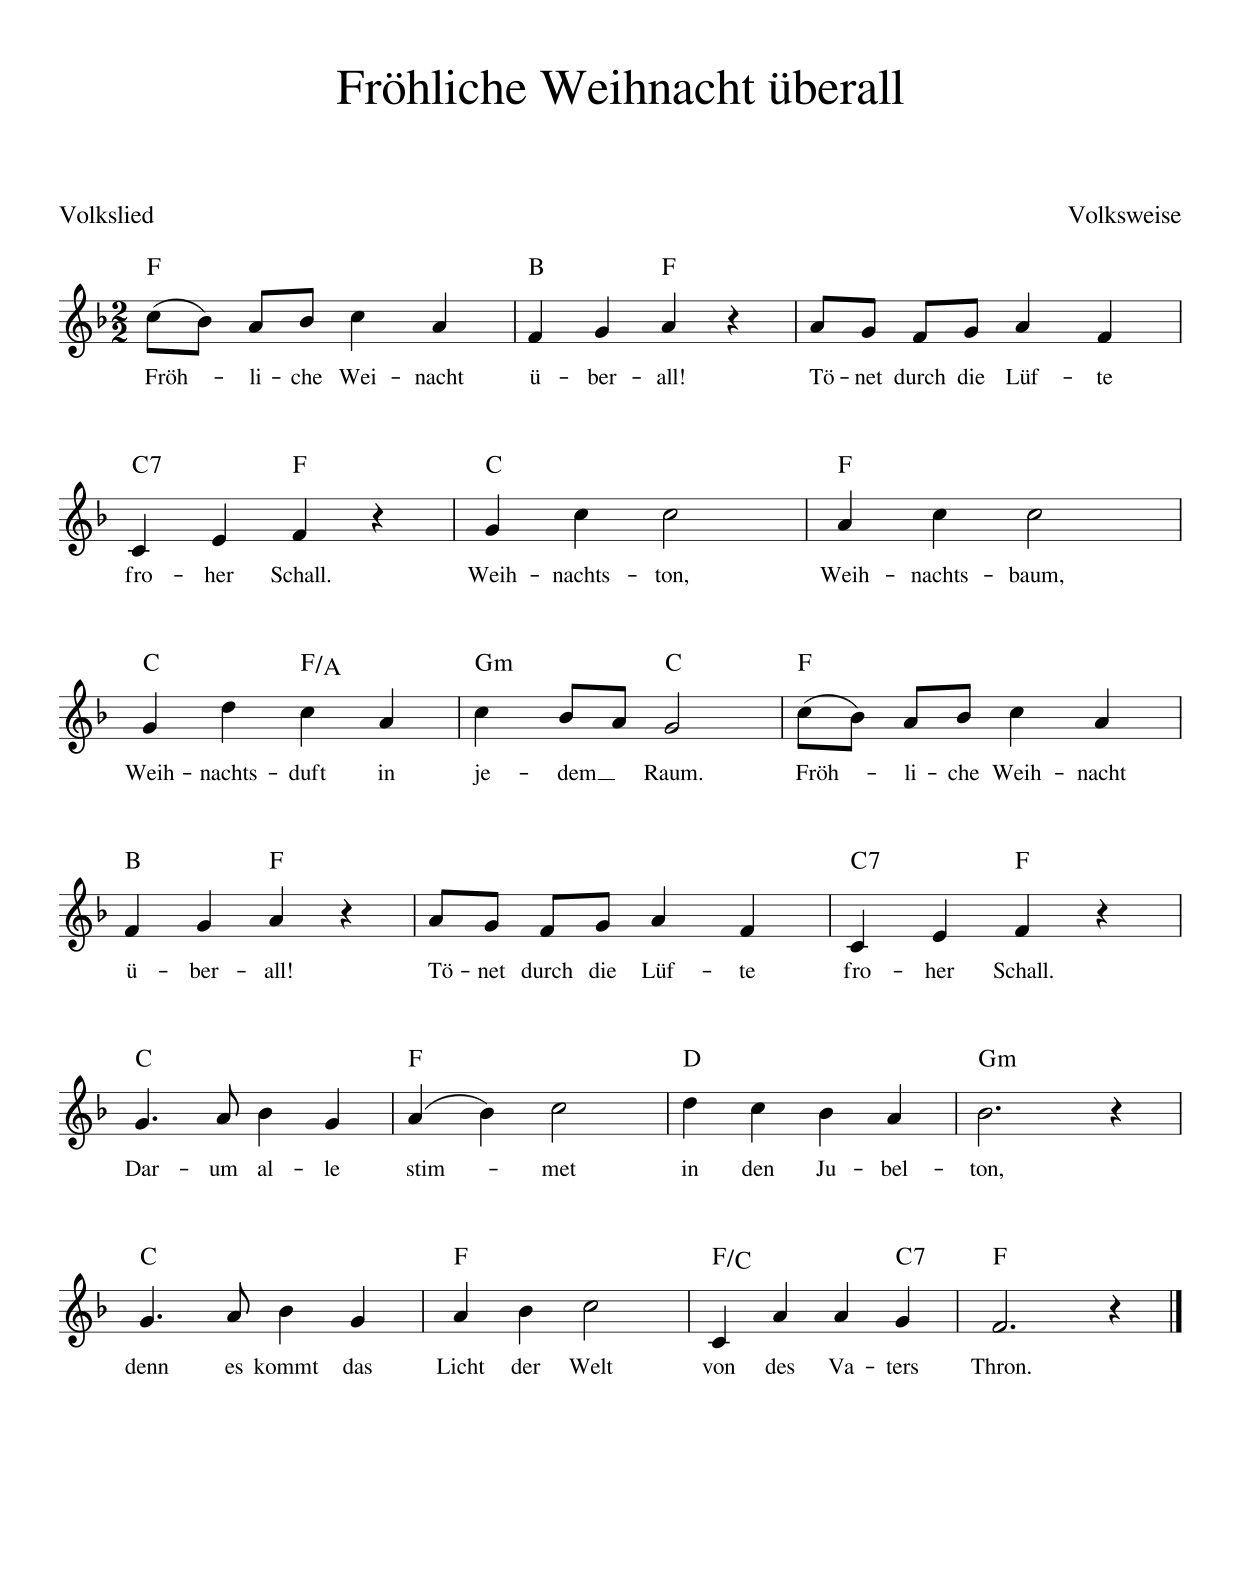 Fröhliche Weihnacht Überall Weihnachtslieder Mit Noten bei Deutsche Weihnachtslieder Mp3 Kostenlos